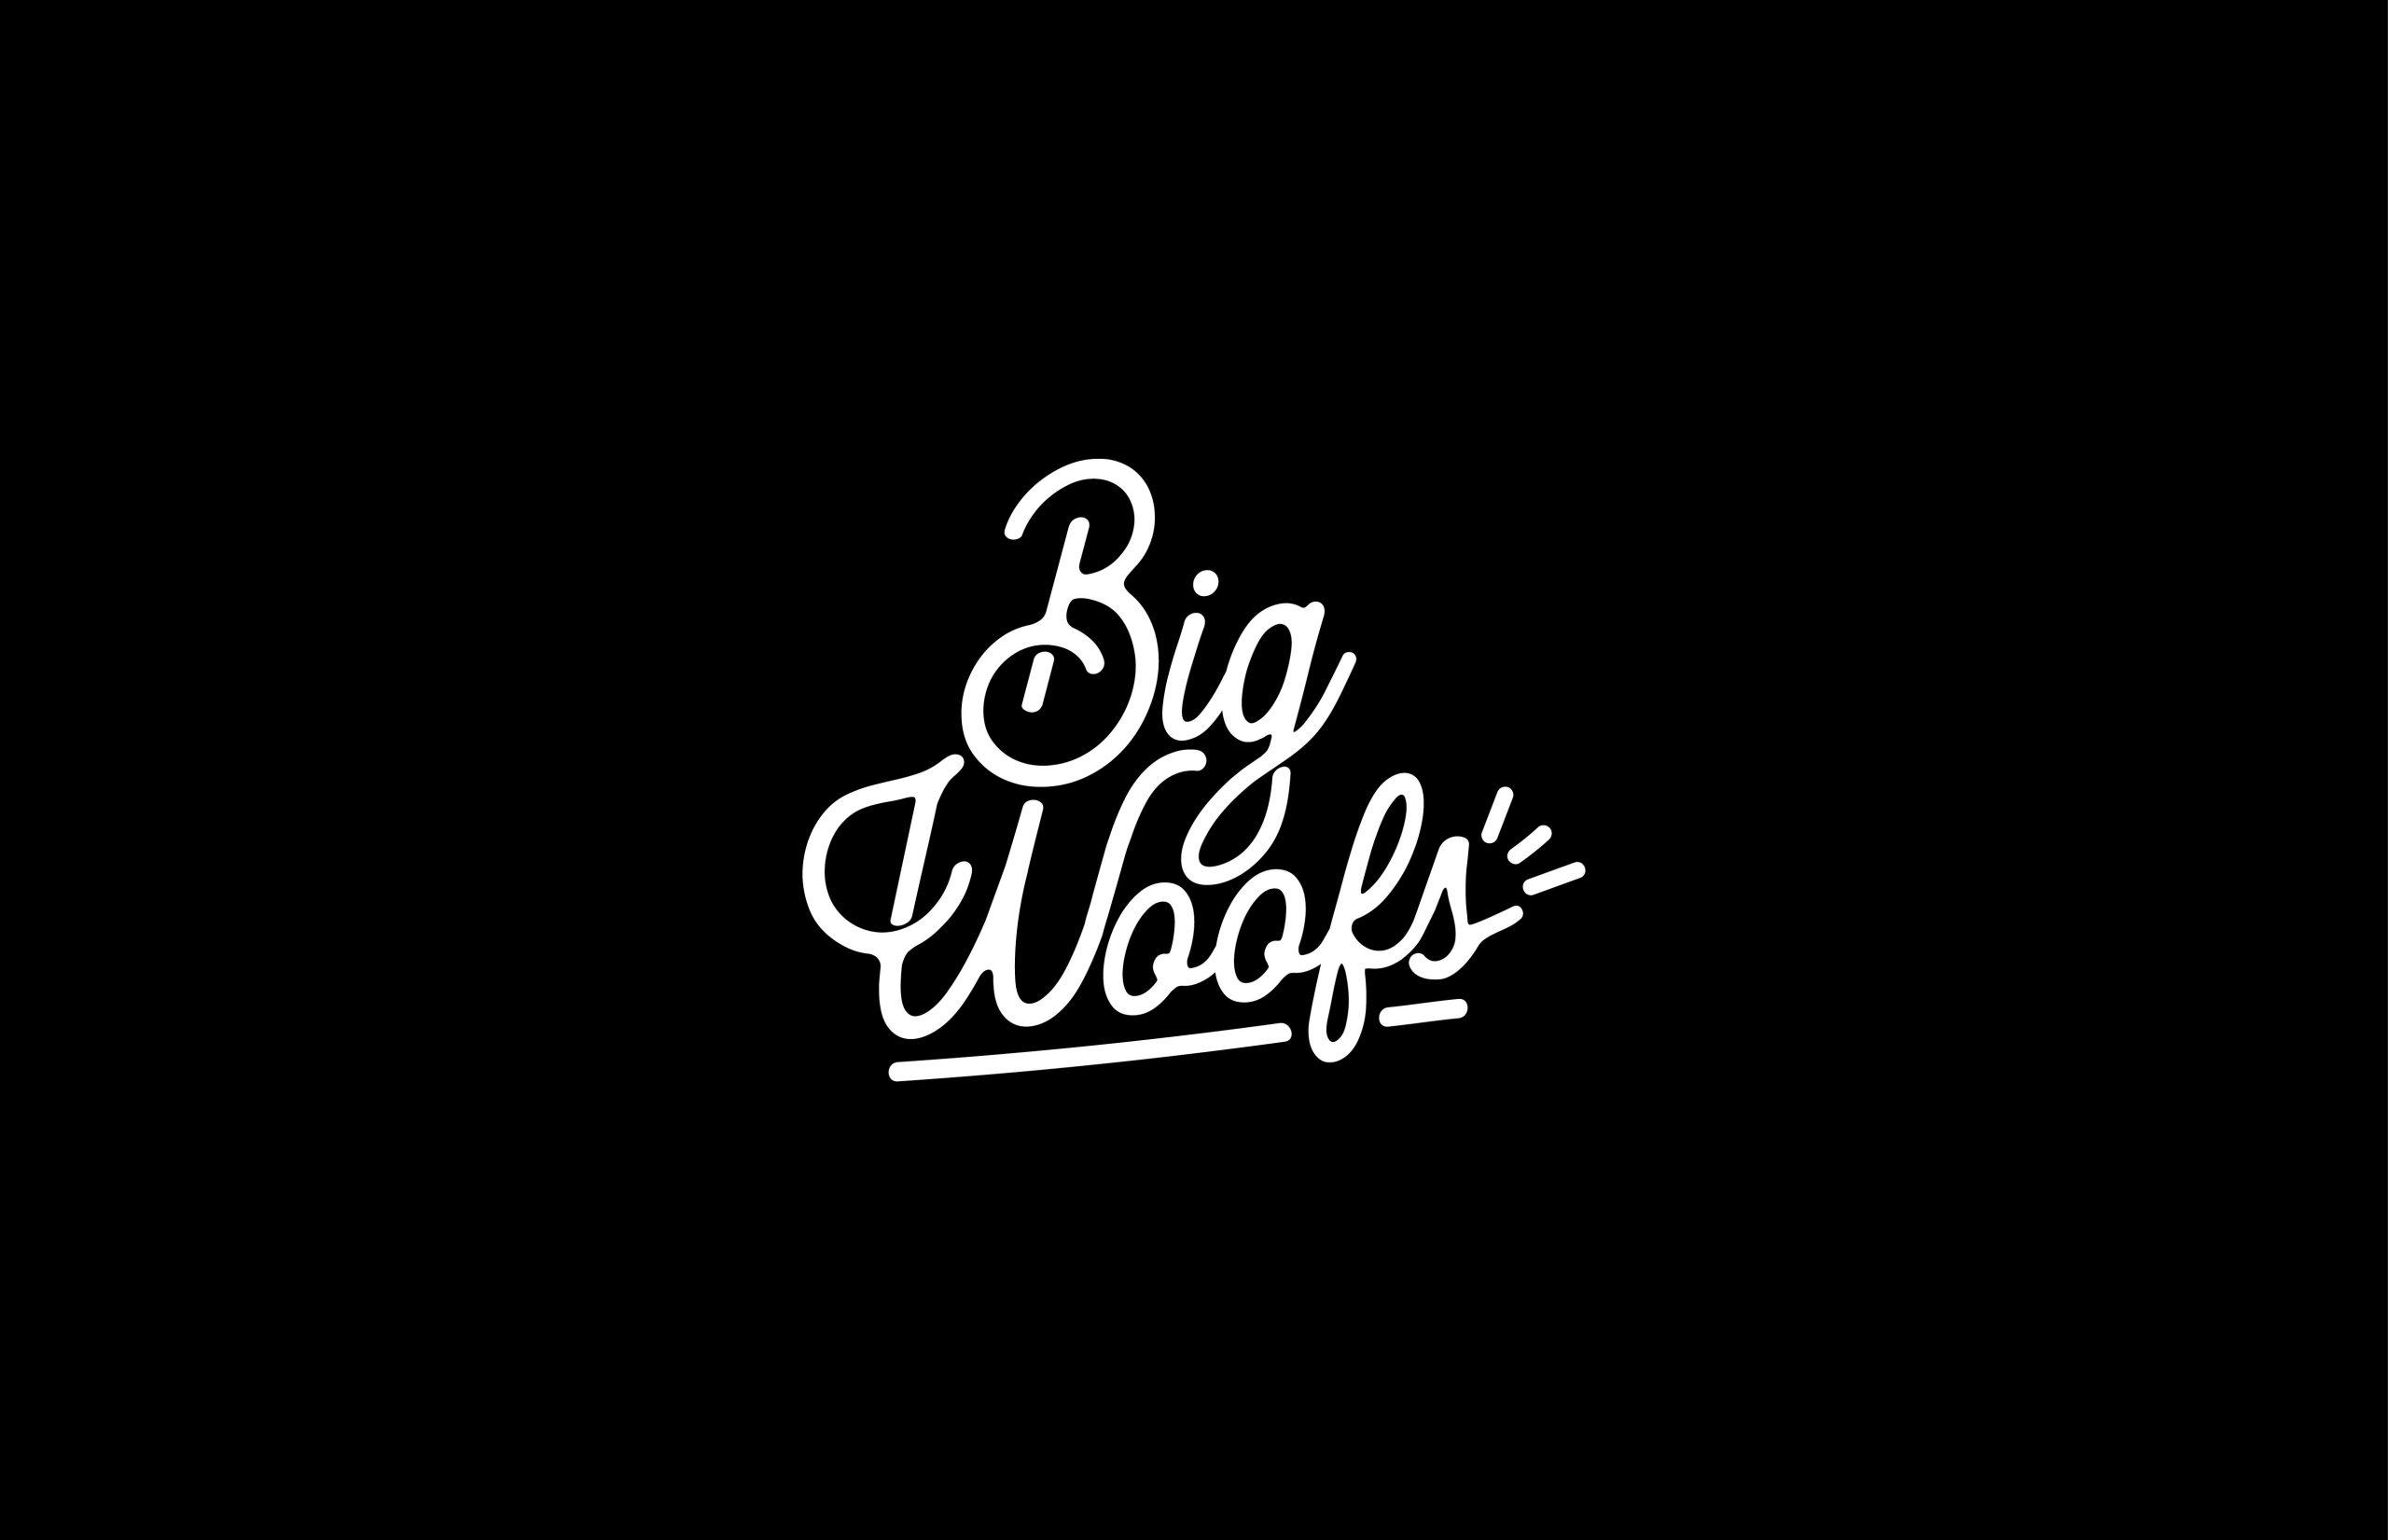 Big Woofs